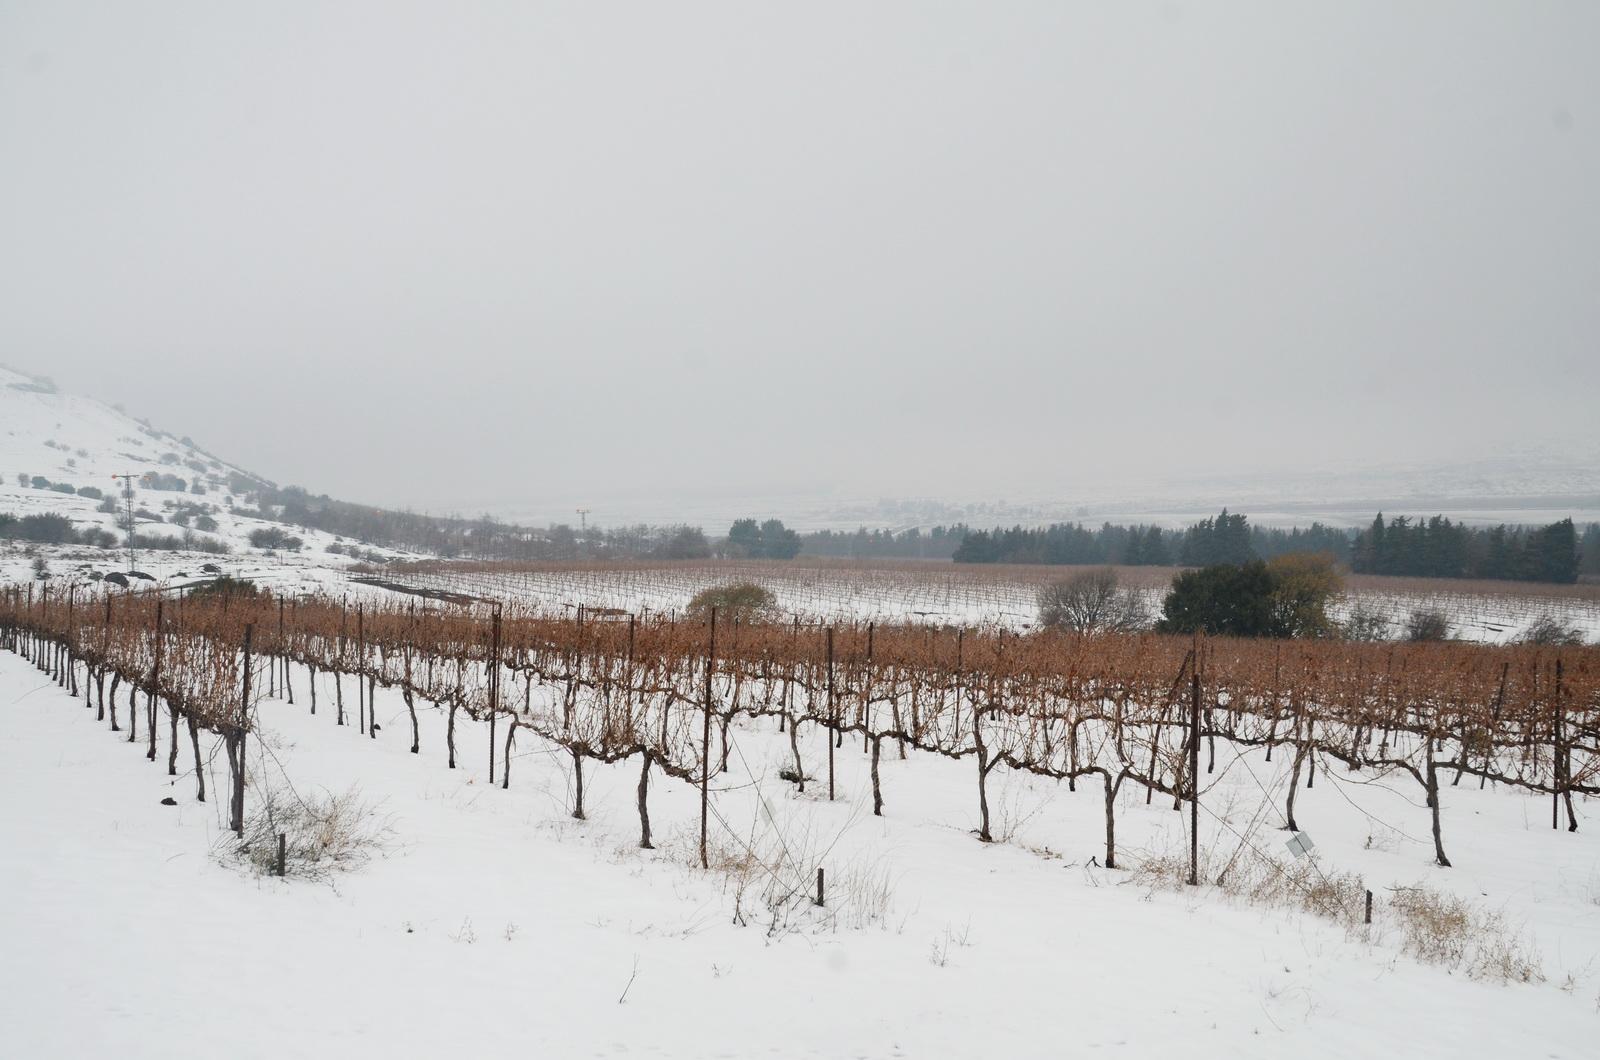 גולן - כרמים בשלג , למרגלות הר חרמונית